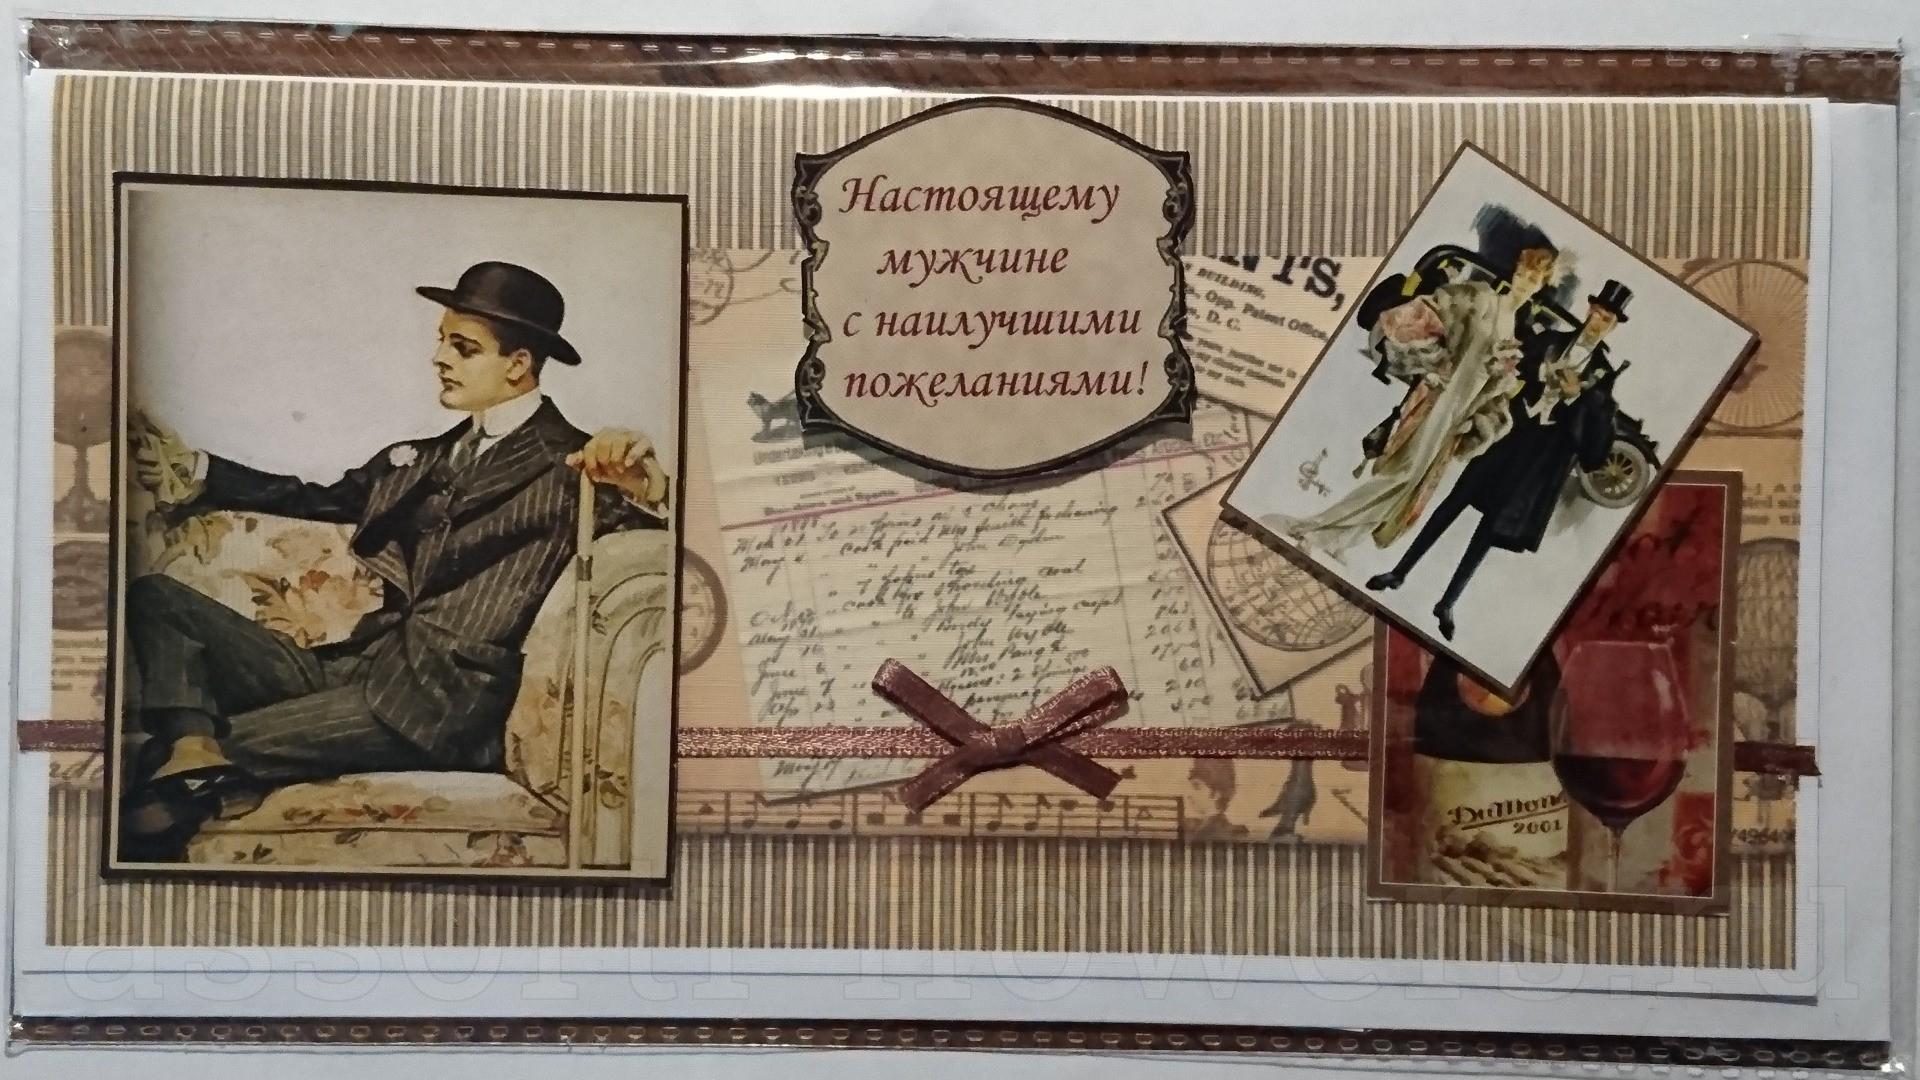 Жемчужной, красивые открытки настоящему мужчине